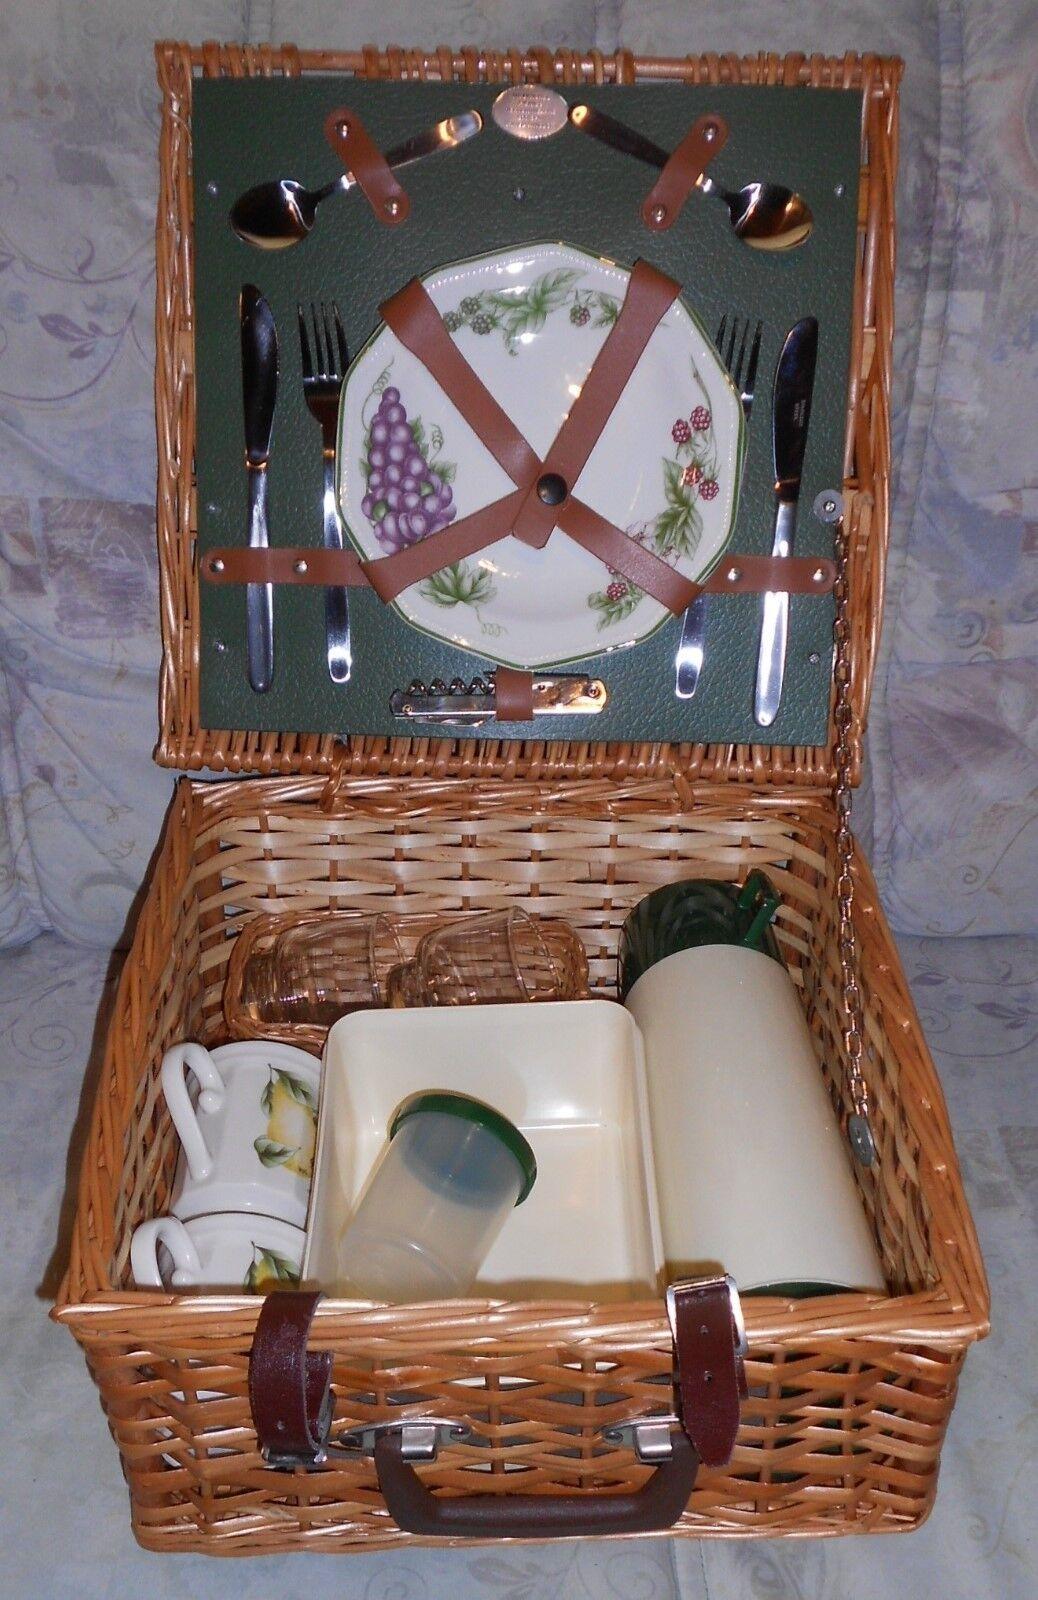 Edler Picknick Korb für 2 Pers. Porz. Geschirr und viel Zubehör NEU